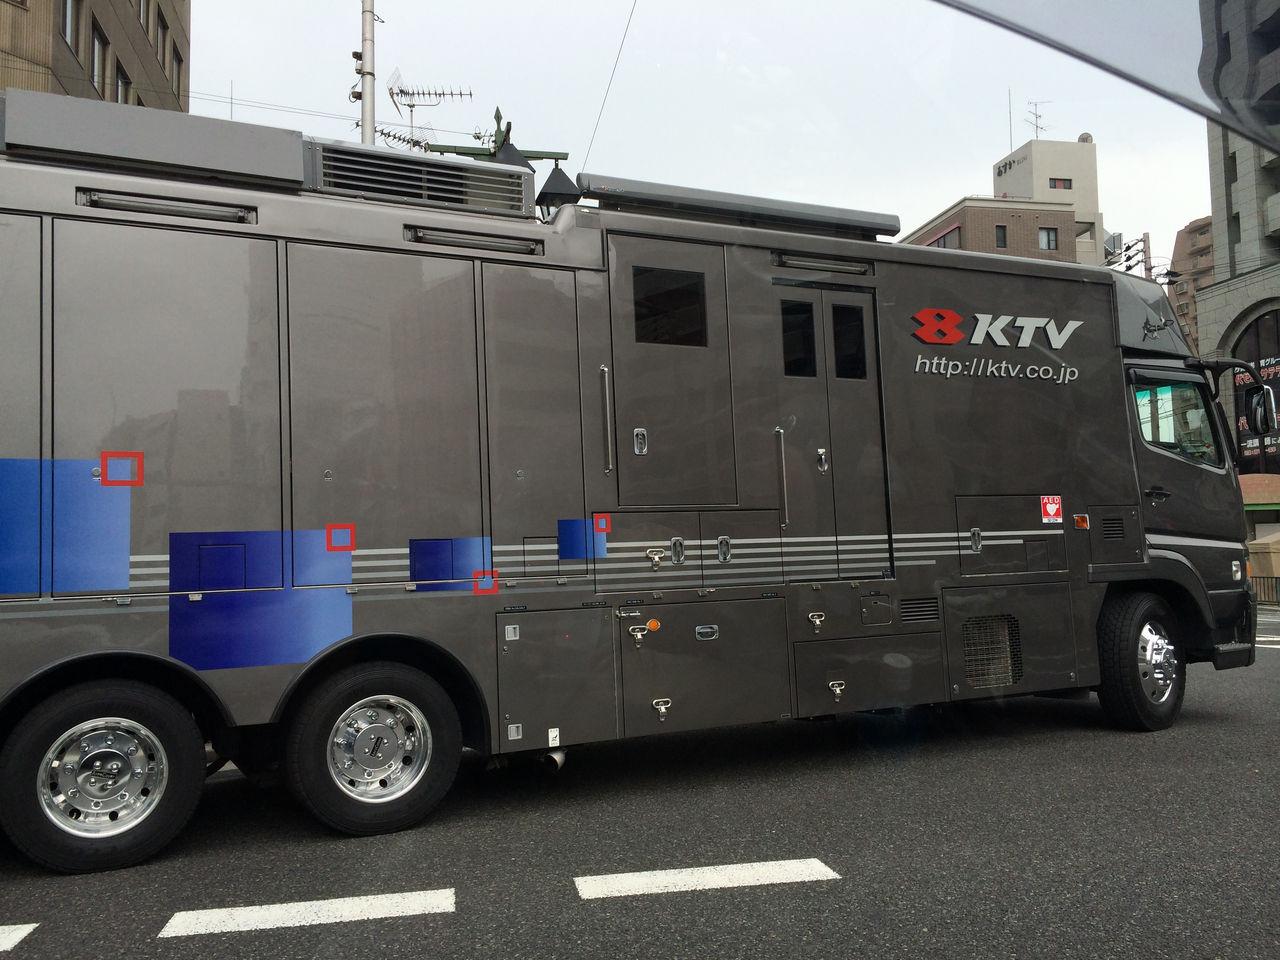 関西テレビ放送(KTV)中継車-1